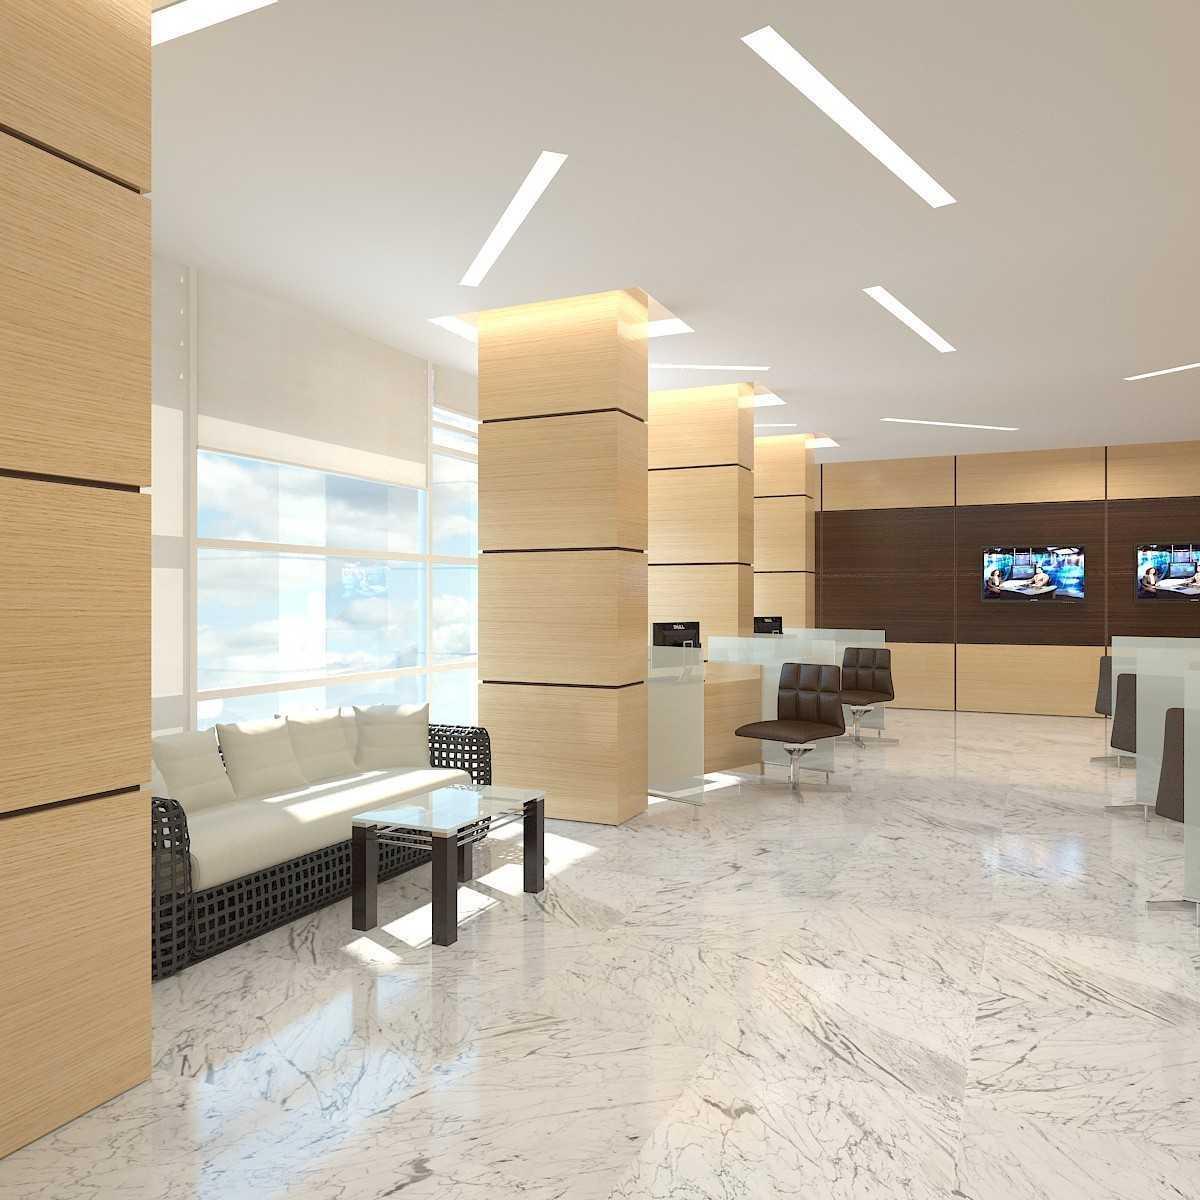 Jr Design Kantor Bank Bni West Jakarta, Kebon Jeruk, West Jakarta City, Jakarta, Indonesia West Jakarta, Kebon Jeruk, West Jakarta City, Jakarta, Indonesia Img0524 Modern 32058